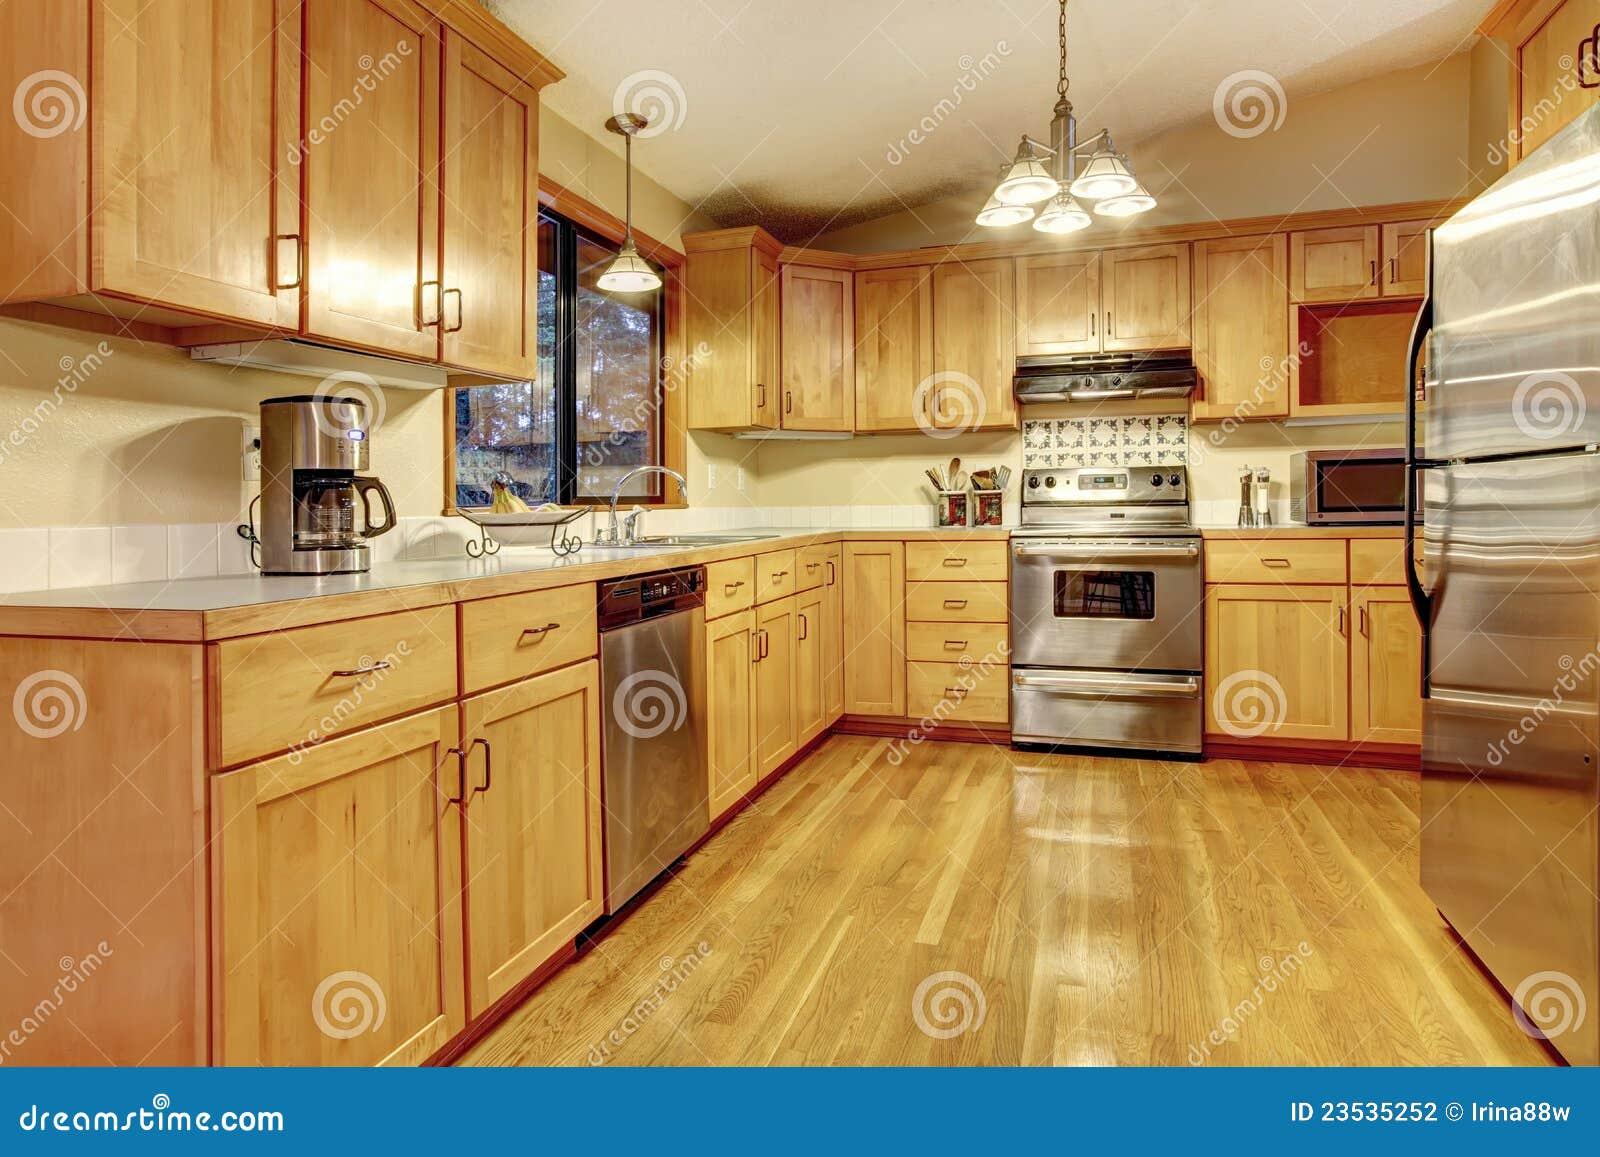 Cocina De Madera Caliente Amarilla Con El Nuevo Piso Foto De  # Keuken Muebles De Cocina